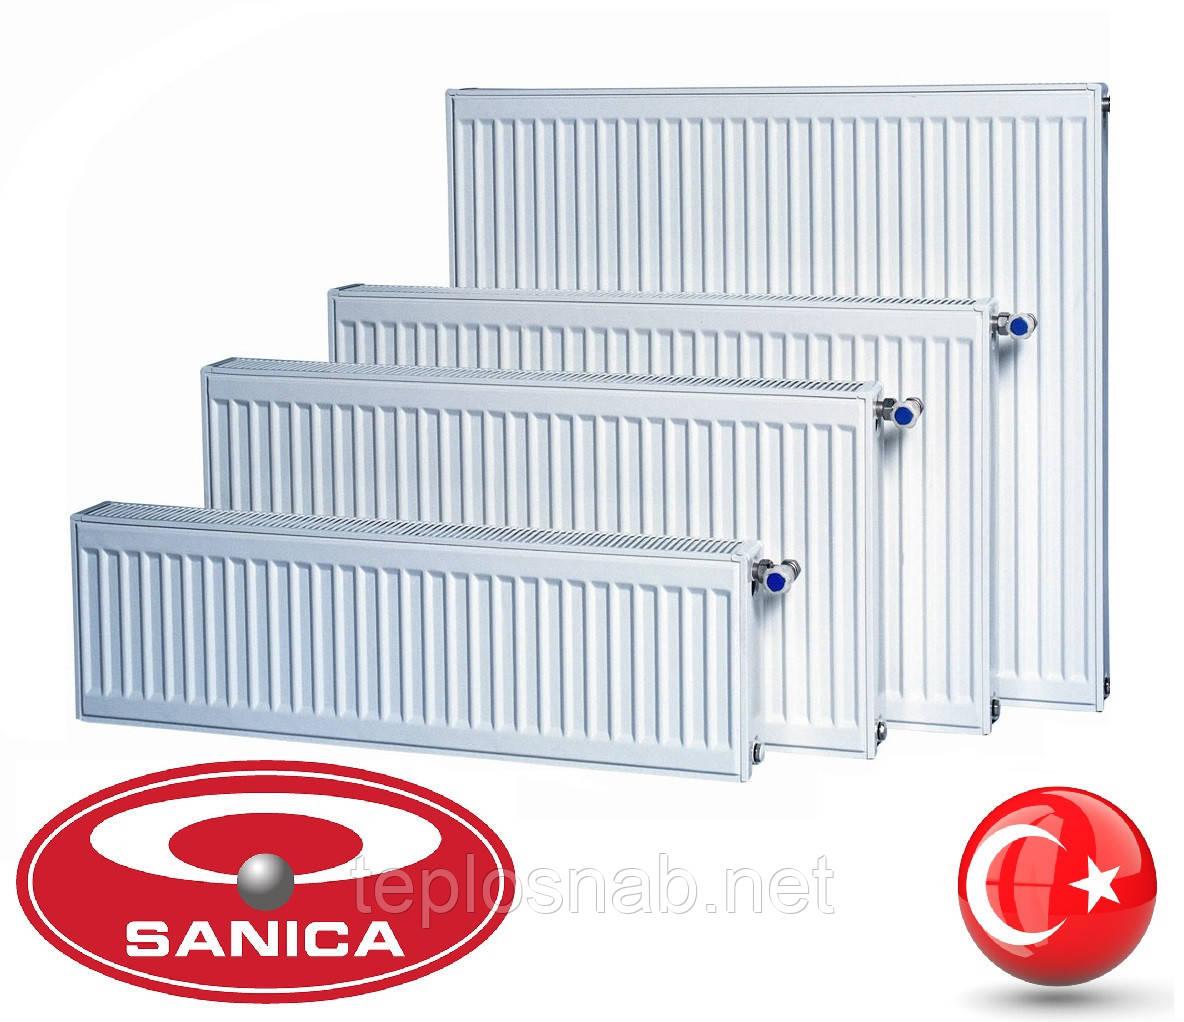 Стальной радиатор Sanica 22 тип (300 х 600 мм) / 762 Вт